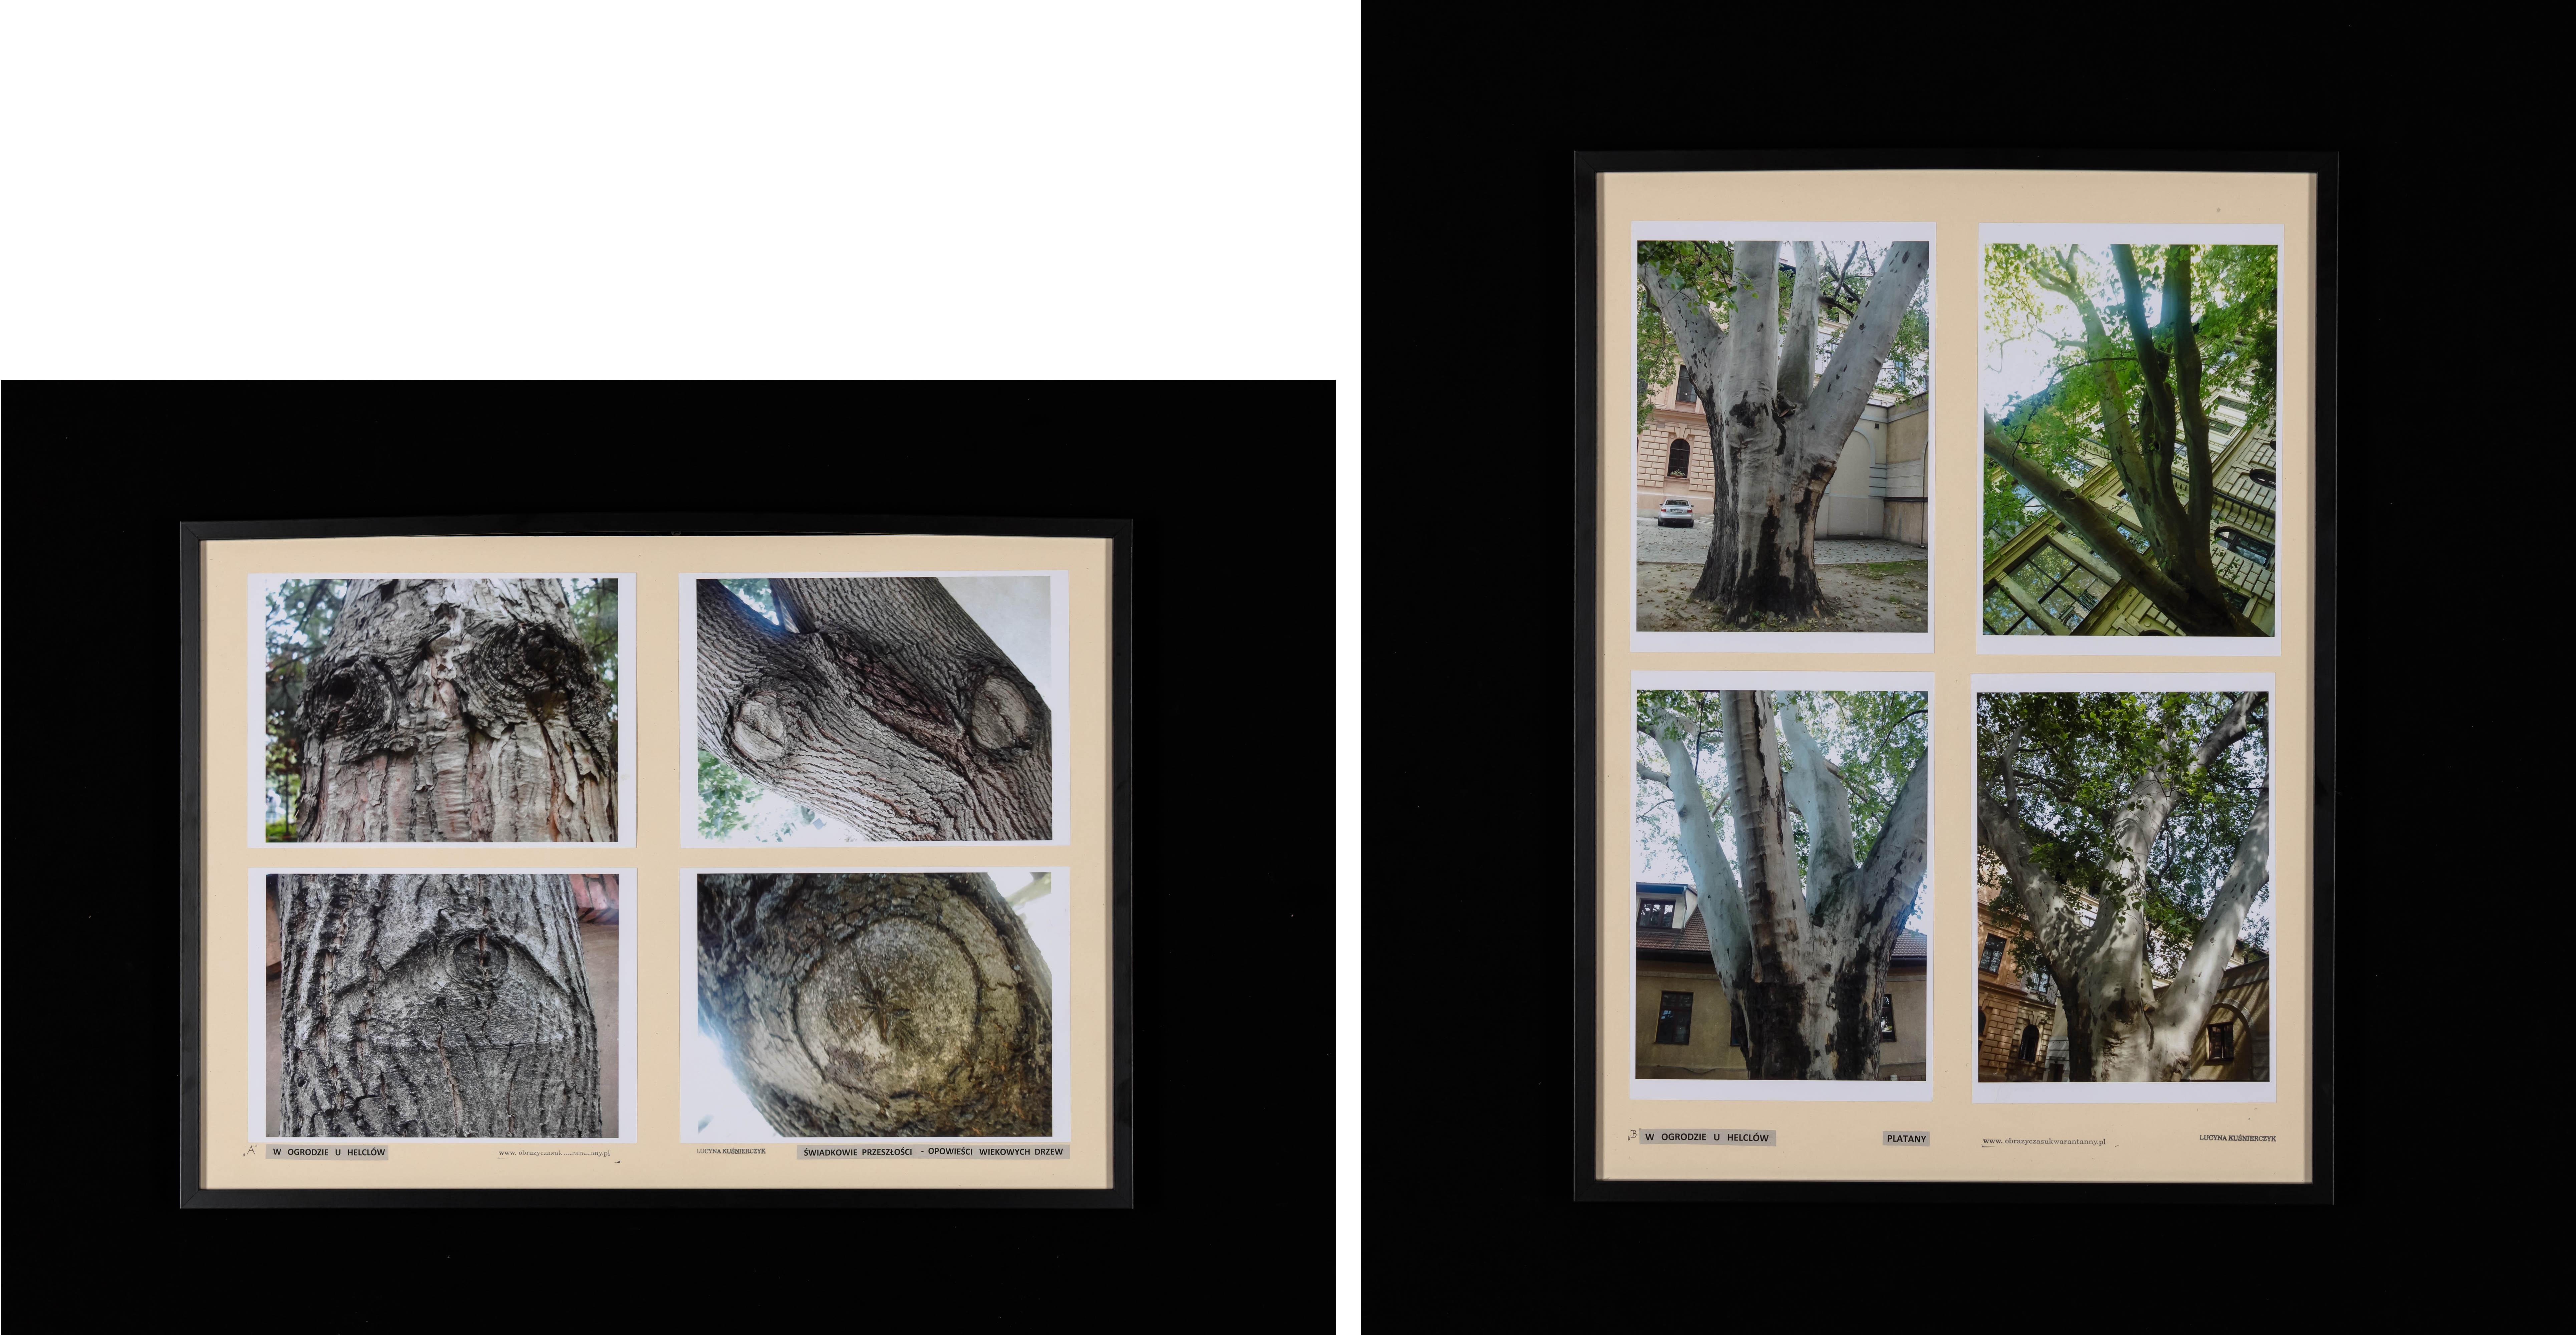 """Dyptyk: W ogrodzie u Helclów """"Świadkowie przeszłości-Opowieści wiekowych drzew"""", """"Platany"""", 2020"""